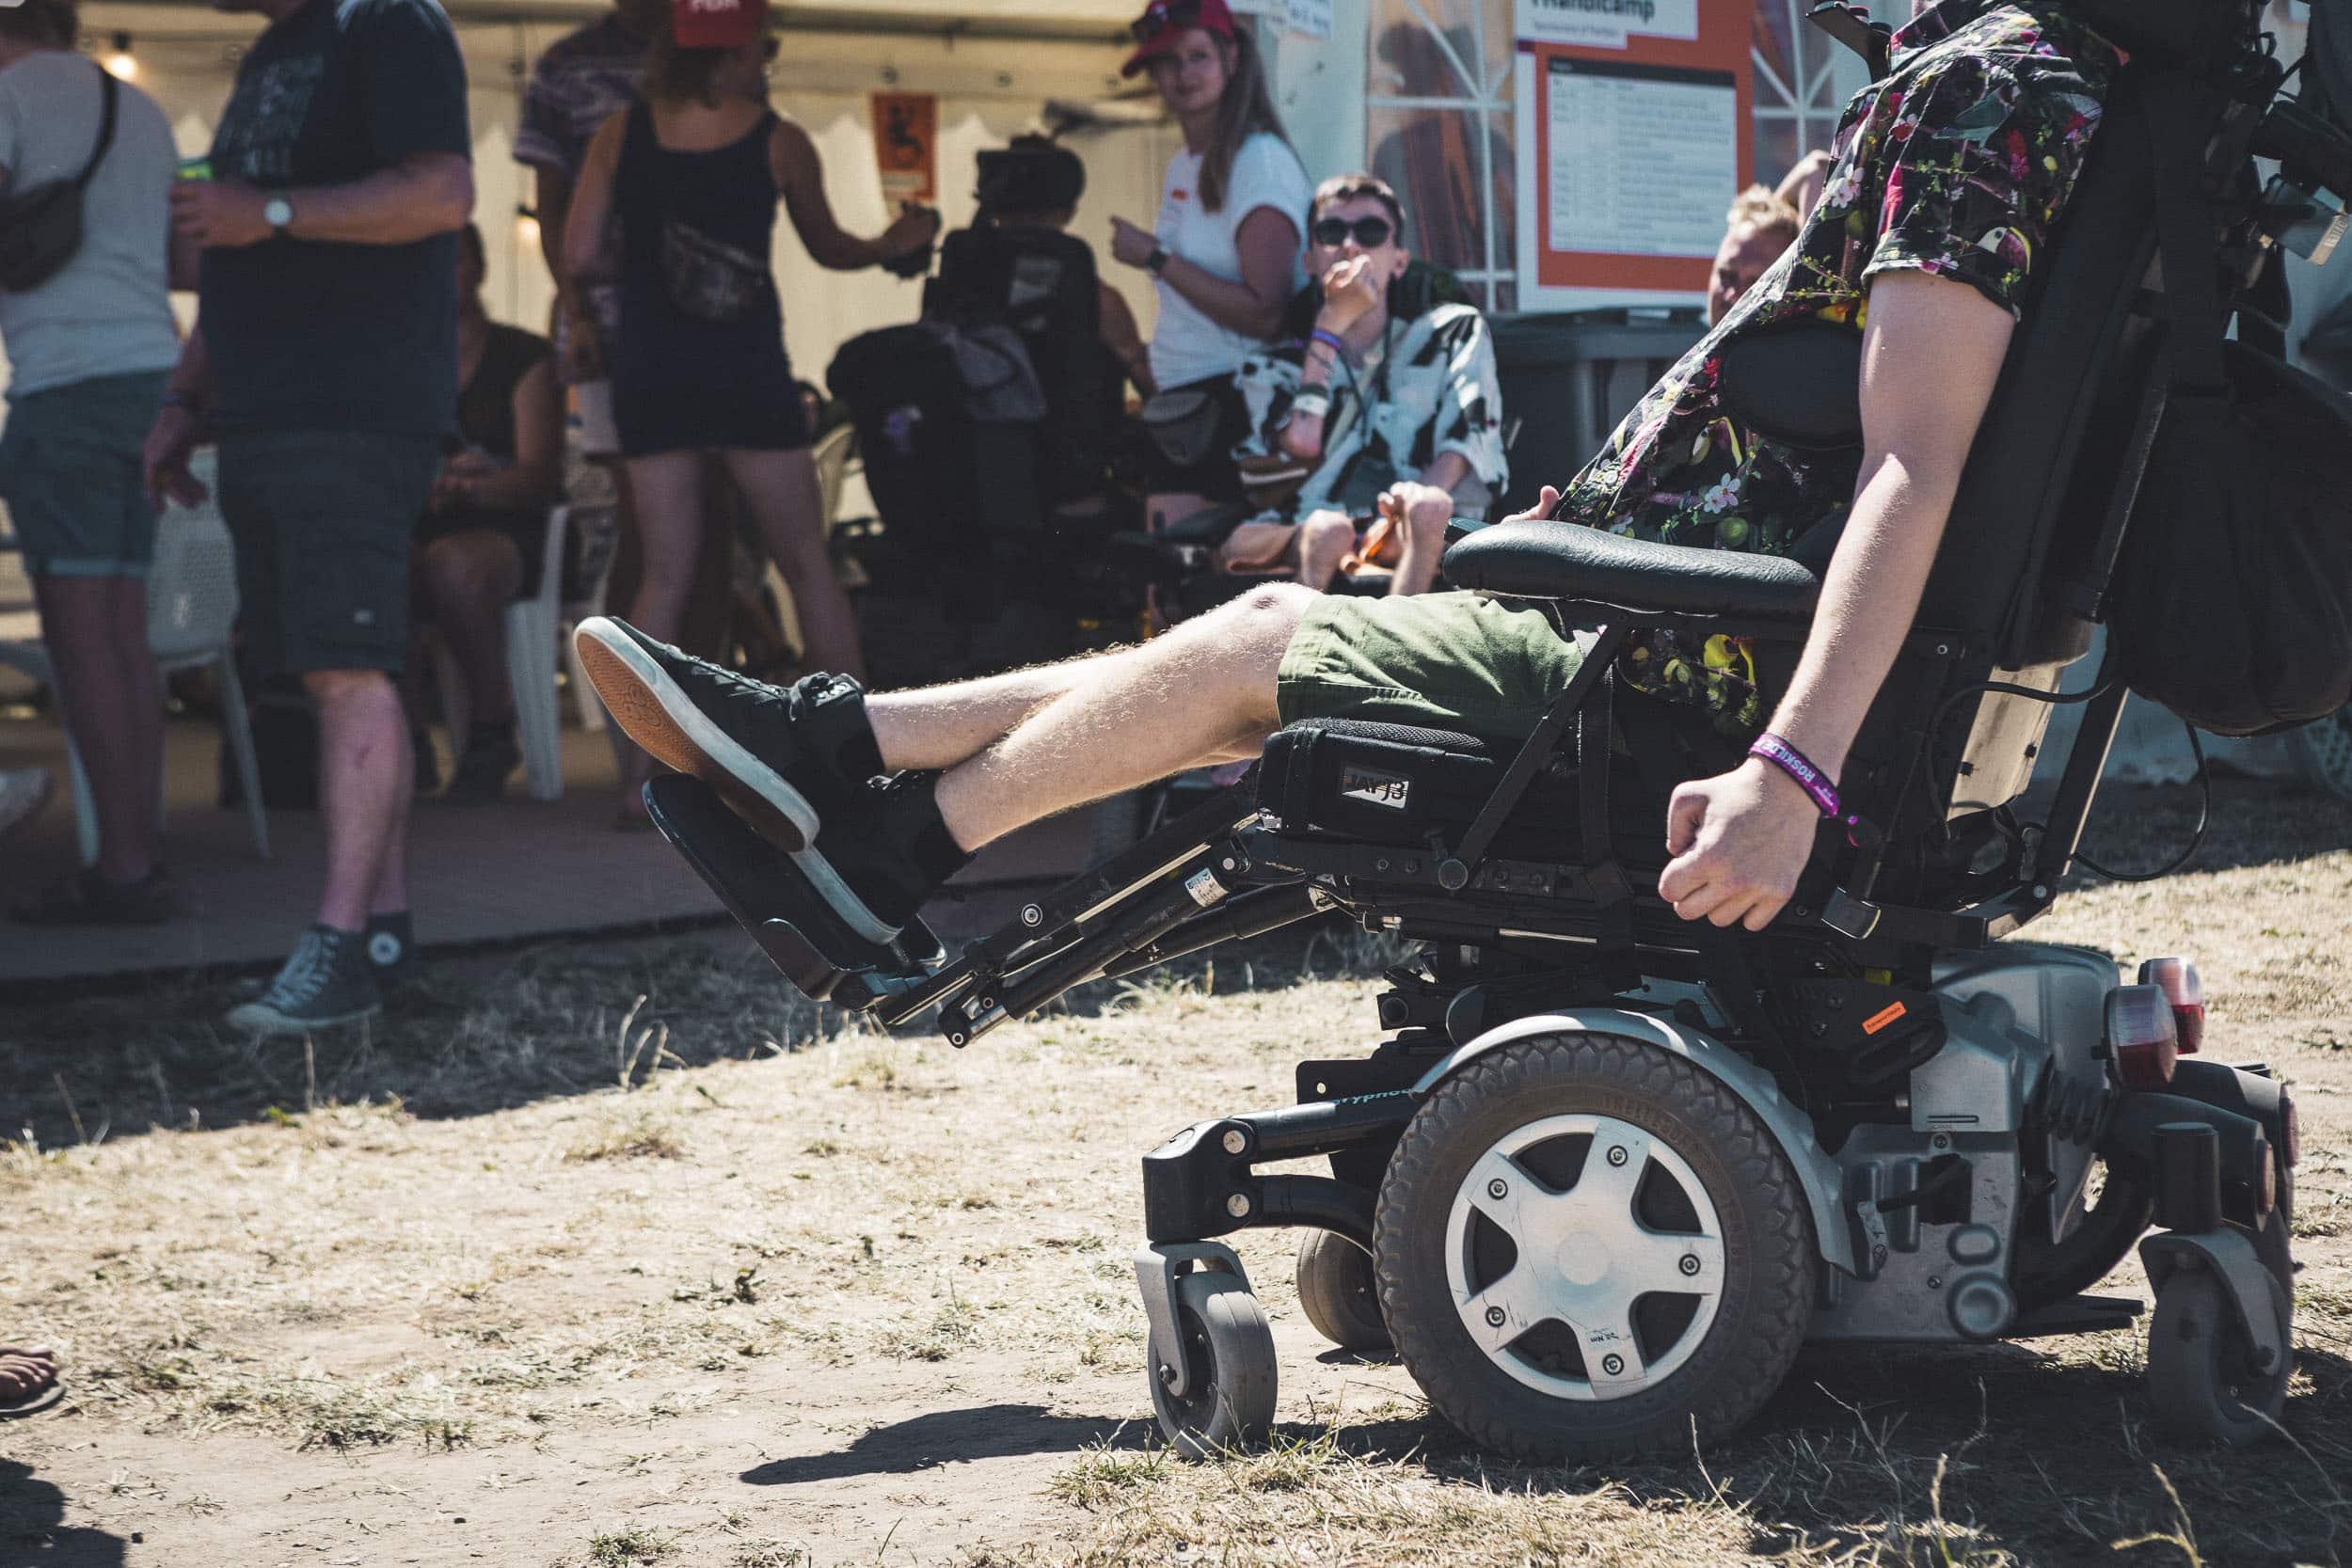 Ny service gør festivallivet nemmere for handicappede